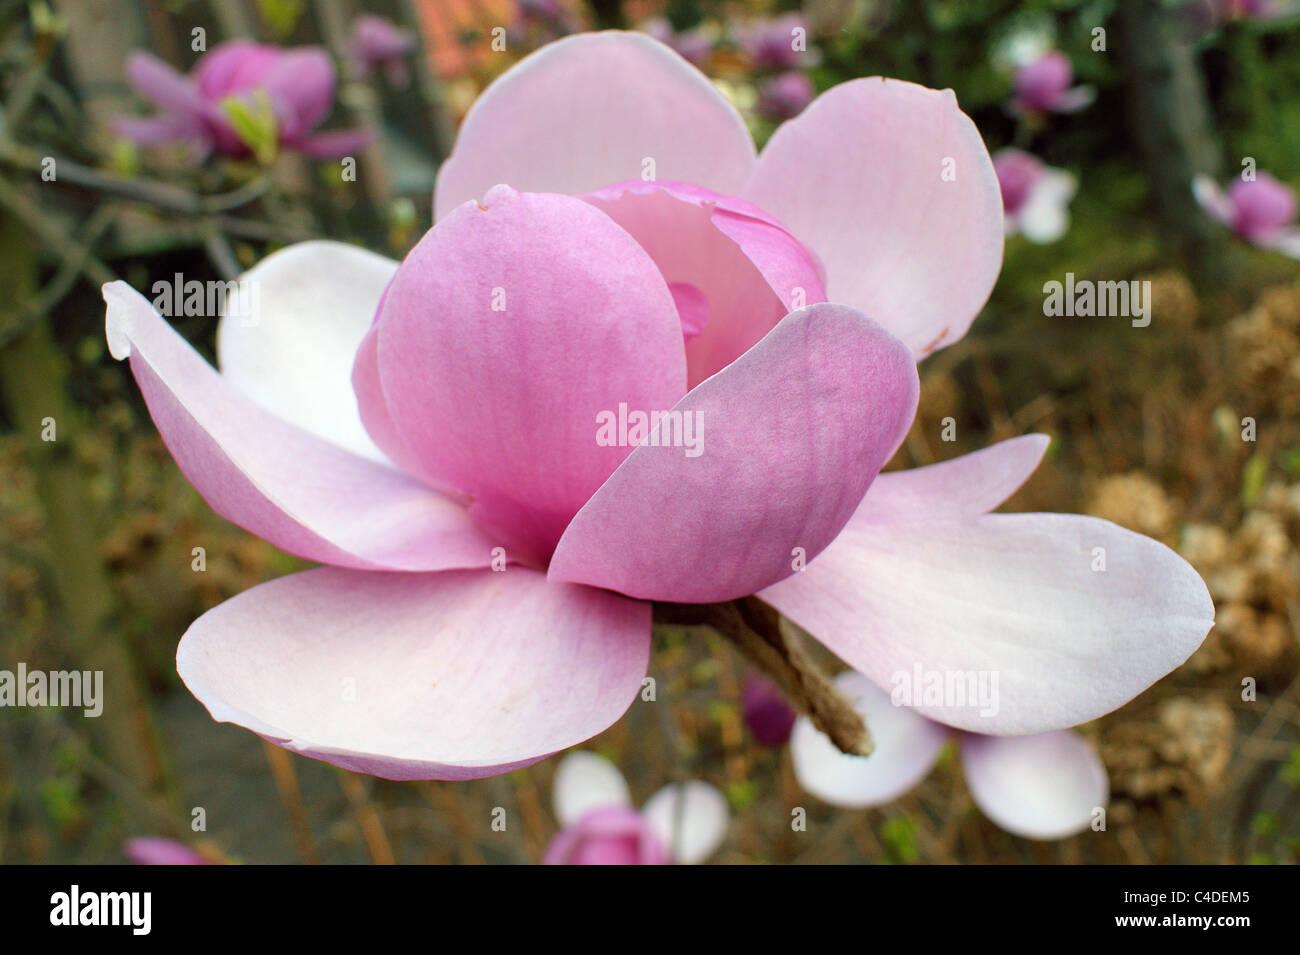 Magnolia Flower Close Up Stock Photos Magnolia Flower Close Up